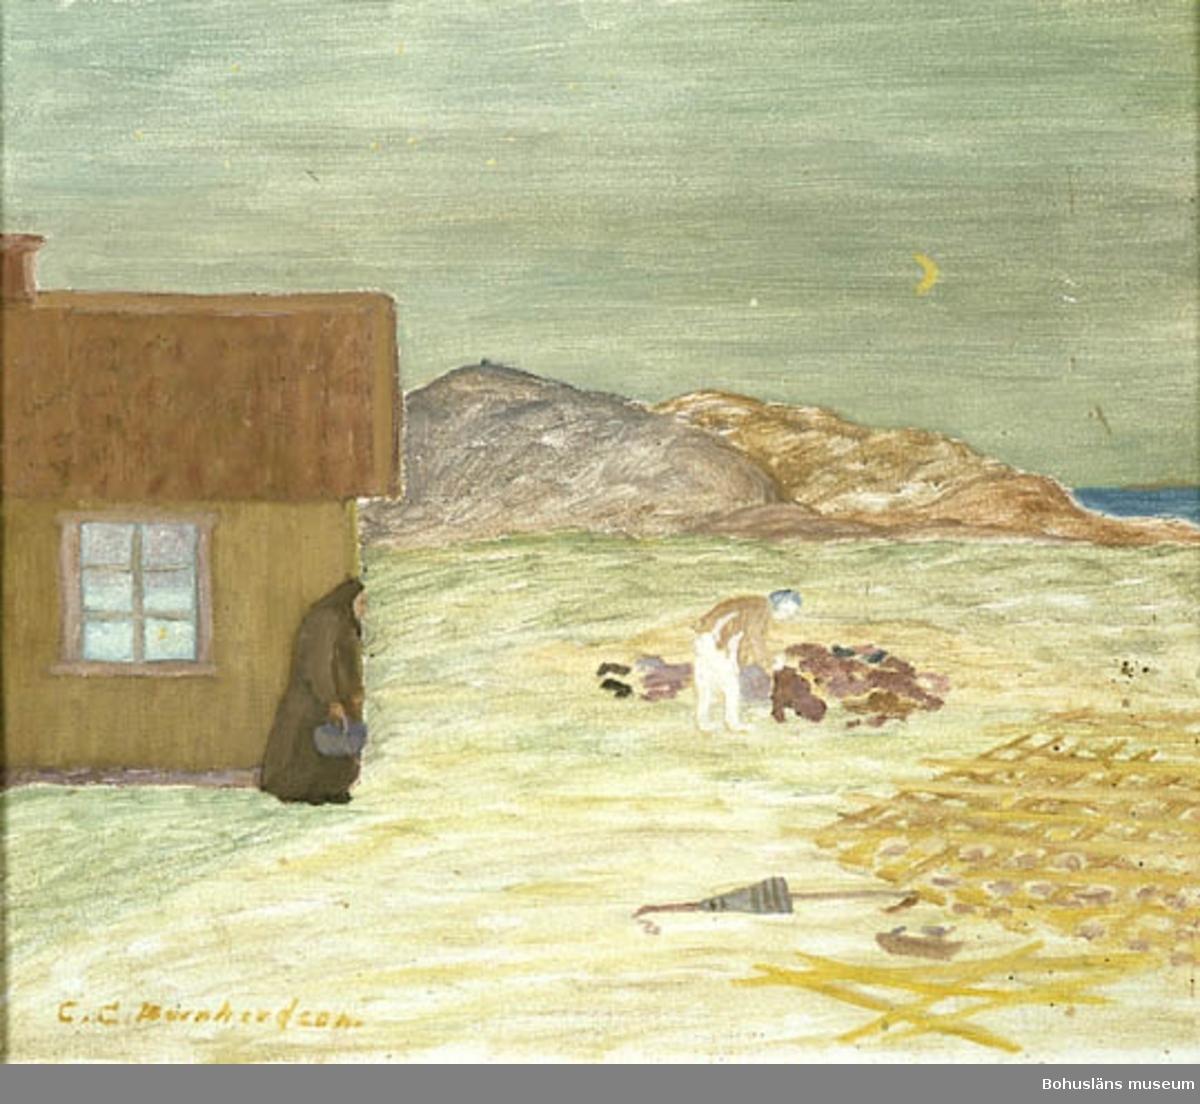 """Baksidestext:  """"i skymningen gick gumman för att hämta ved. då fick Hon se att det stod en halvnaken man och letade i vraghögen på swaá. Där låg nämligen En hög Kläder från sista strandningen bland annat vrak- gods. Hon vände och gick in. Det var gasten Hon sett. Folklivsskildring Skaftö. C.G. Bernhardson.  Ordförklaring: Swaá = dial. för berghäll, berg i dagen; enligt Bernhardson också kallat """"skåberg"""", strandning = skeppsbrott vid kusten, gast = """"spöke"""", gengångare.  Litteratur: Bernhardson, C.G.: Bohuslänskt folkliv, Uddevalla, 1982, s. 244. Titel i boken: Gasten.  Övrig historik; se CGB001"""